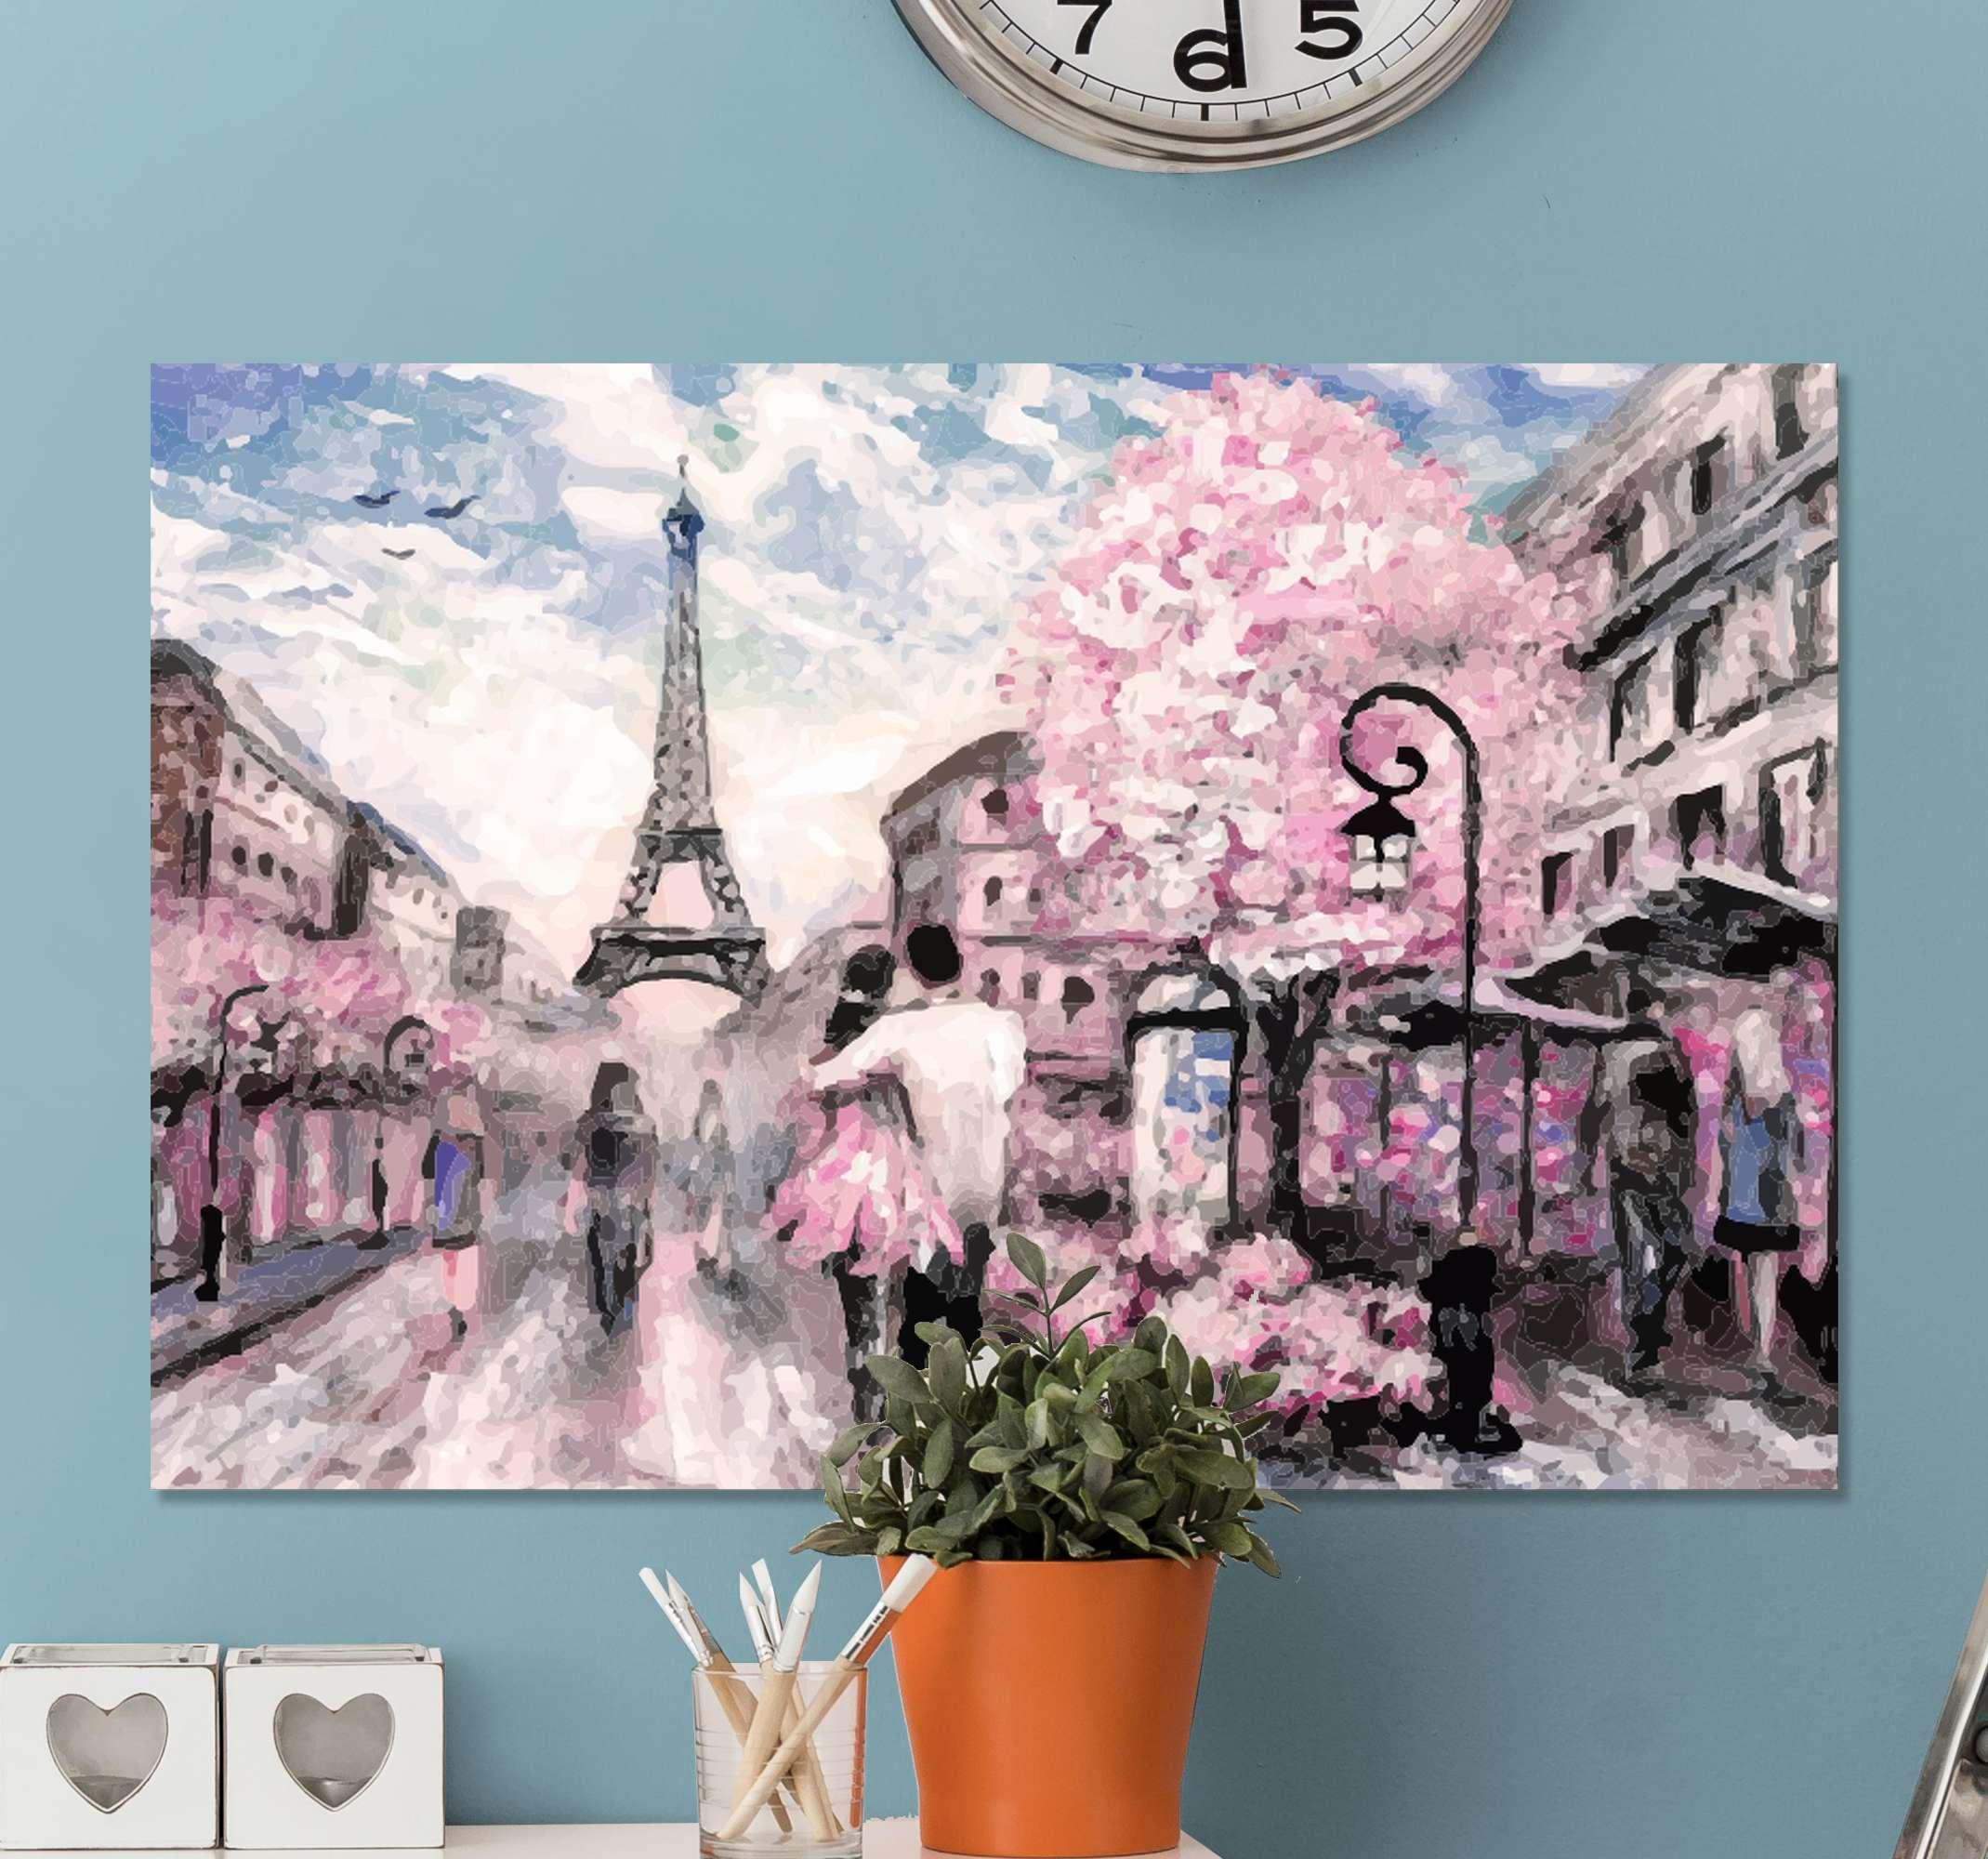 TenStickers. Personas parejas en parís άτομα και χαρακτήρες σε καμβά. αυτή η τέχνη τοίχου του Παρισιού είναι για εσάς! Προσφέρει απίστευτη θέα σε ένα μέρος αυτής της υπέροχης πόλης, ενώ τονίζει τον πύργο του Άιφελ